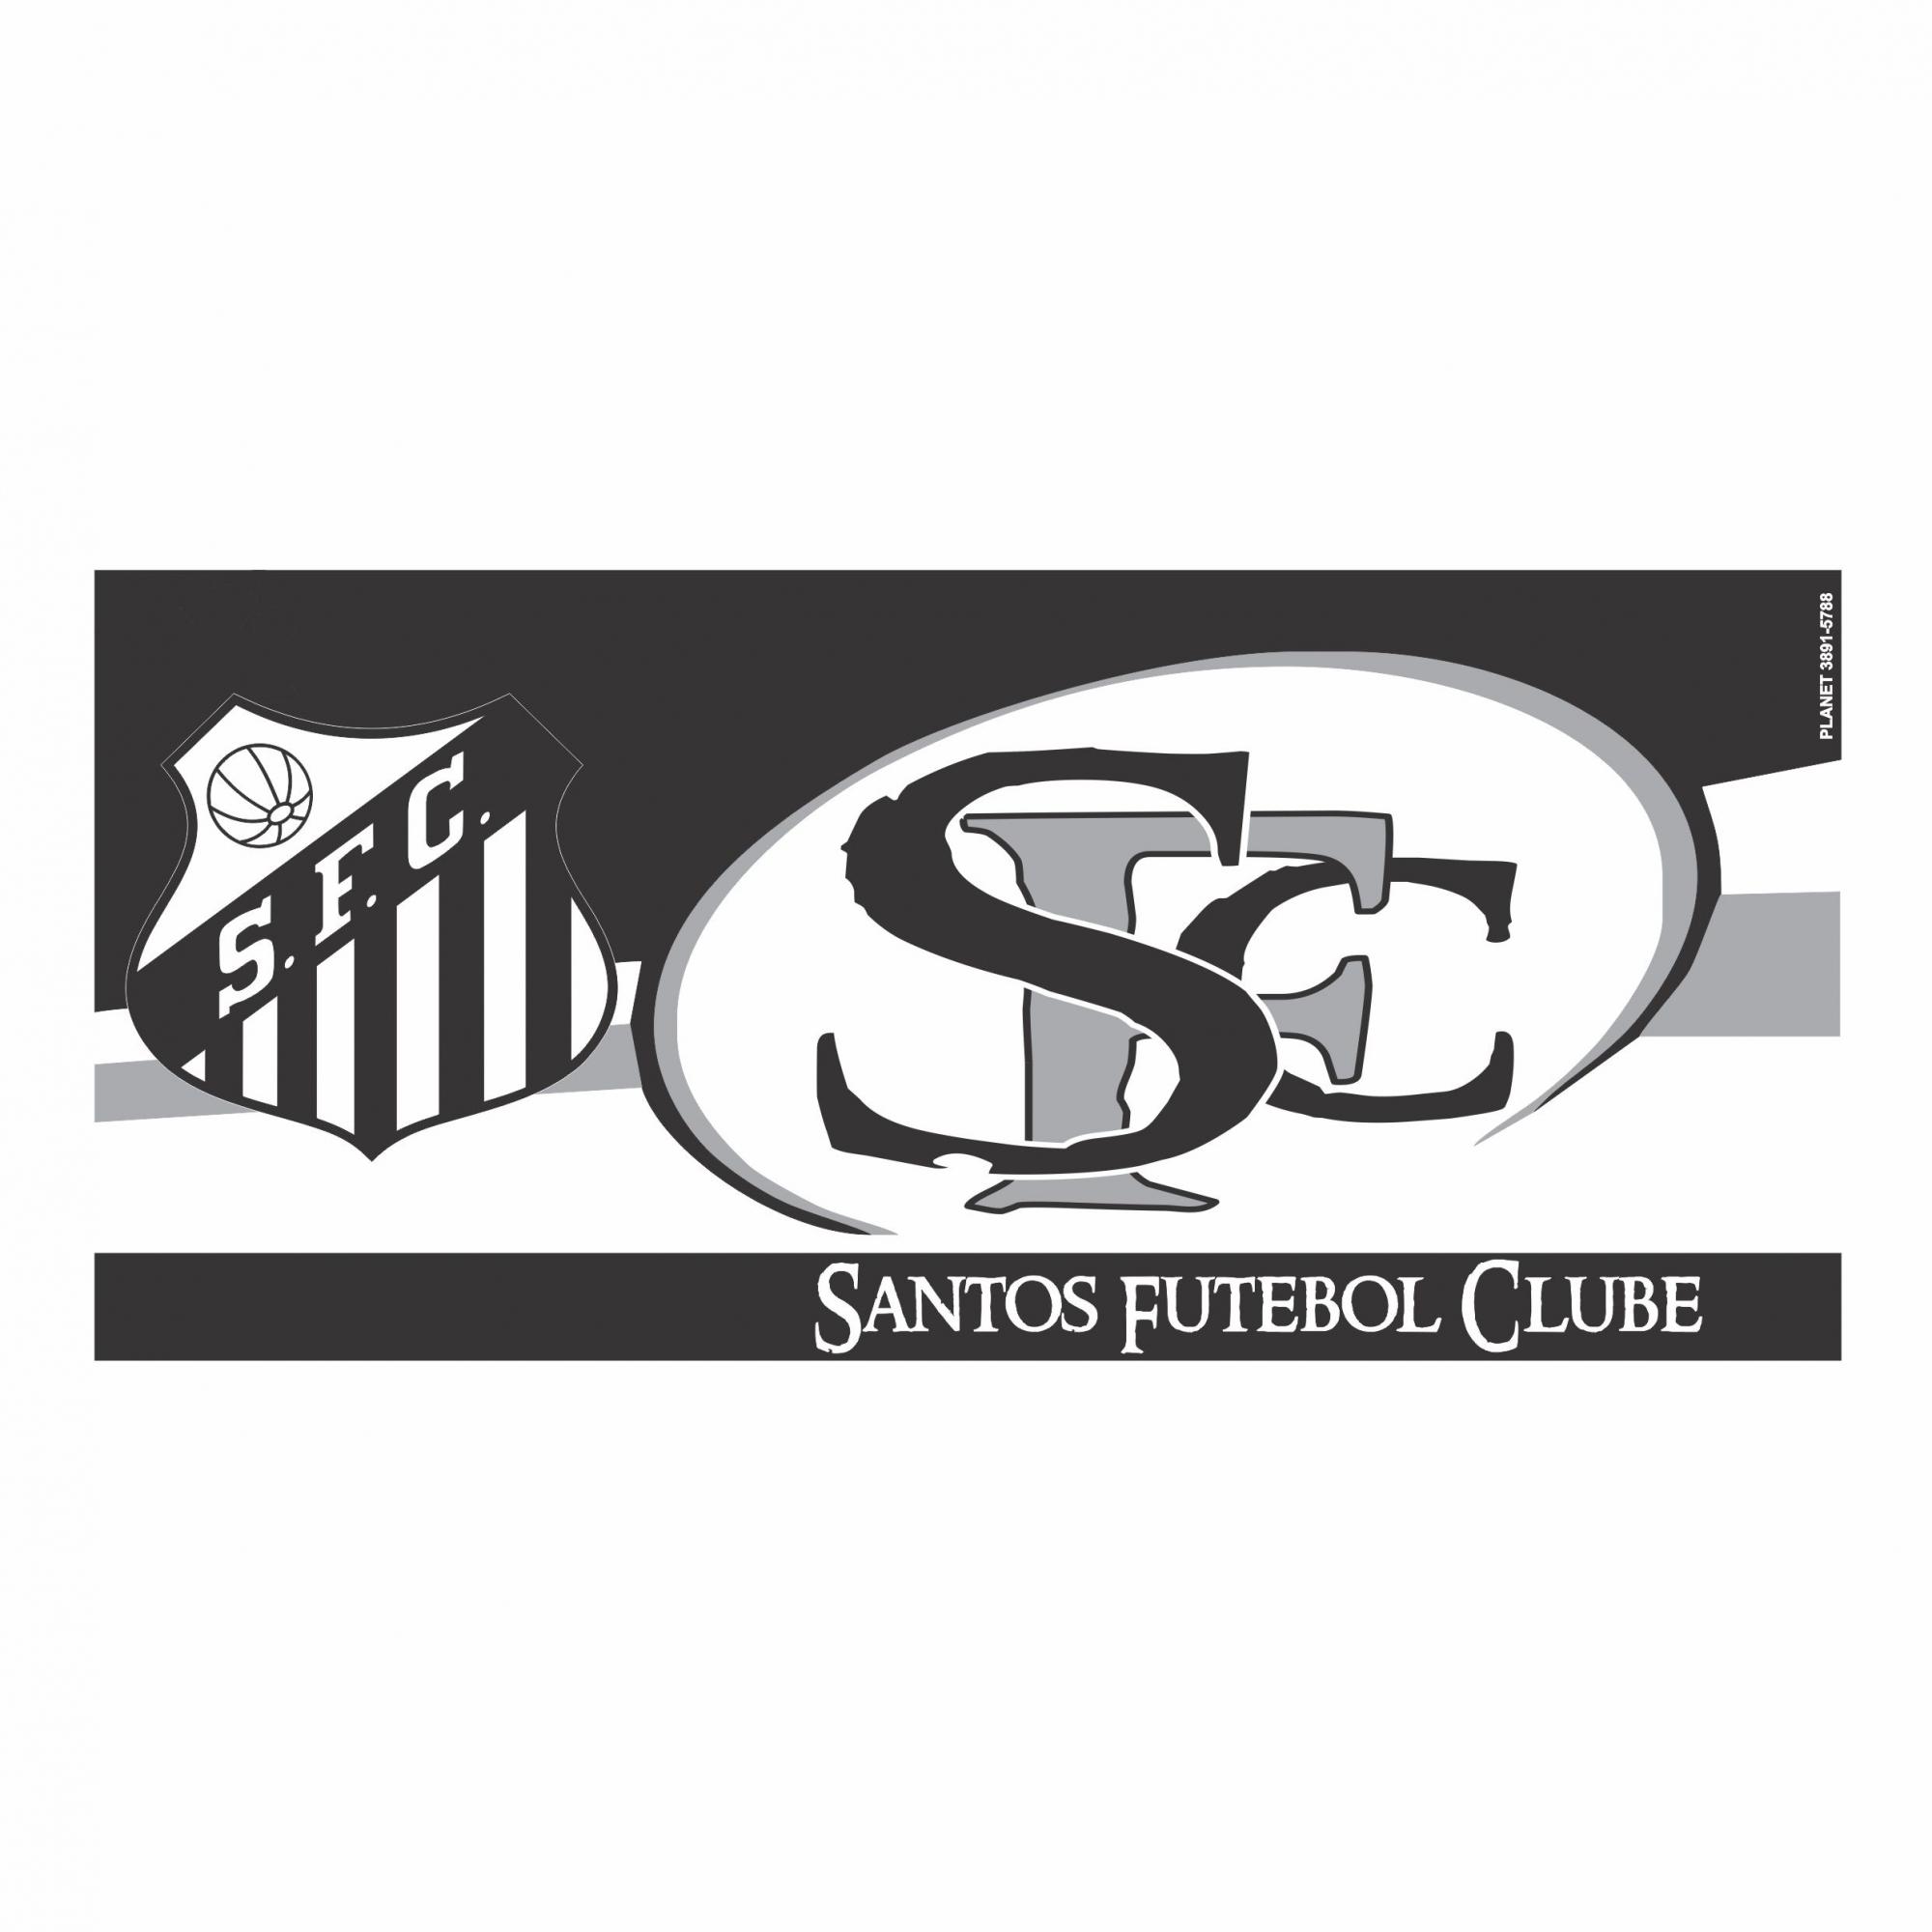 Caneca de Porcelana Personalizada do Santos